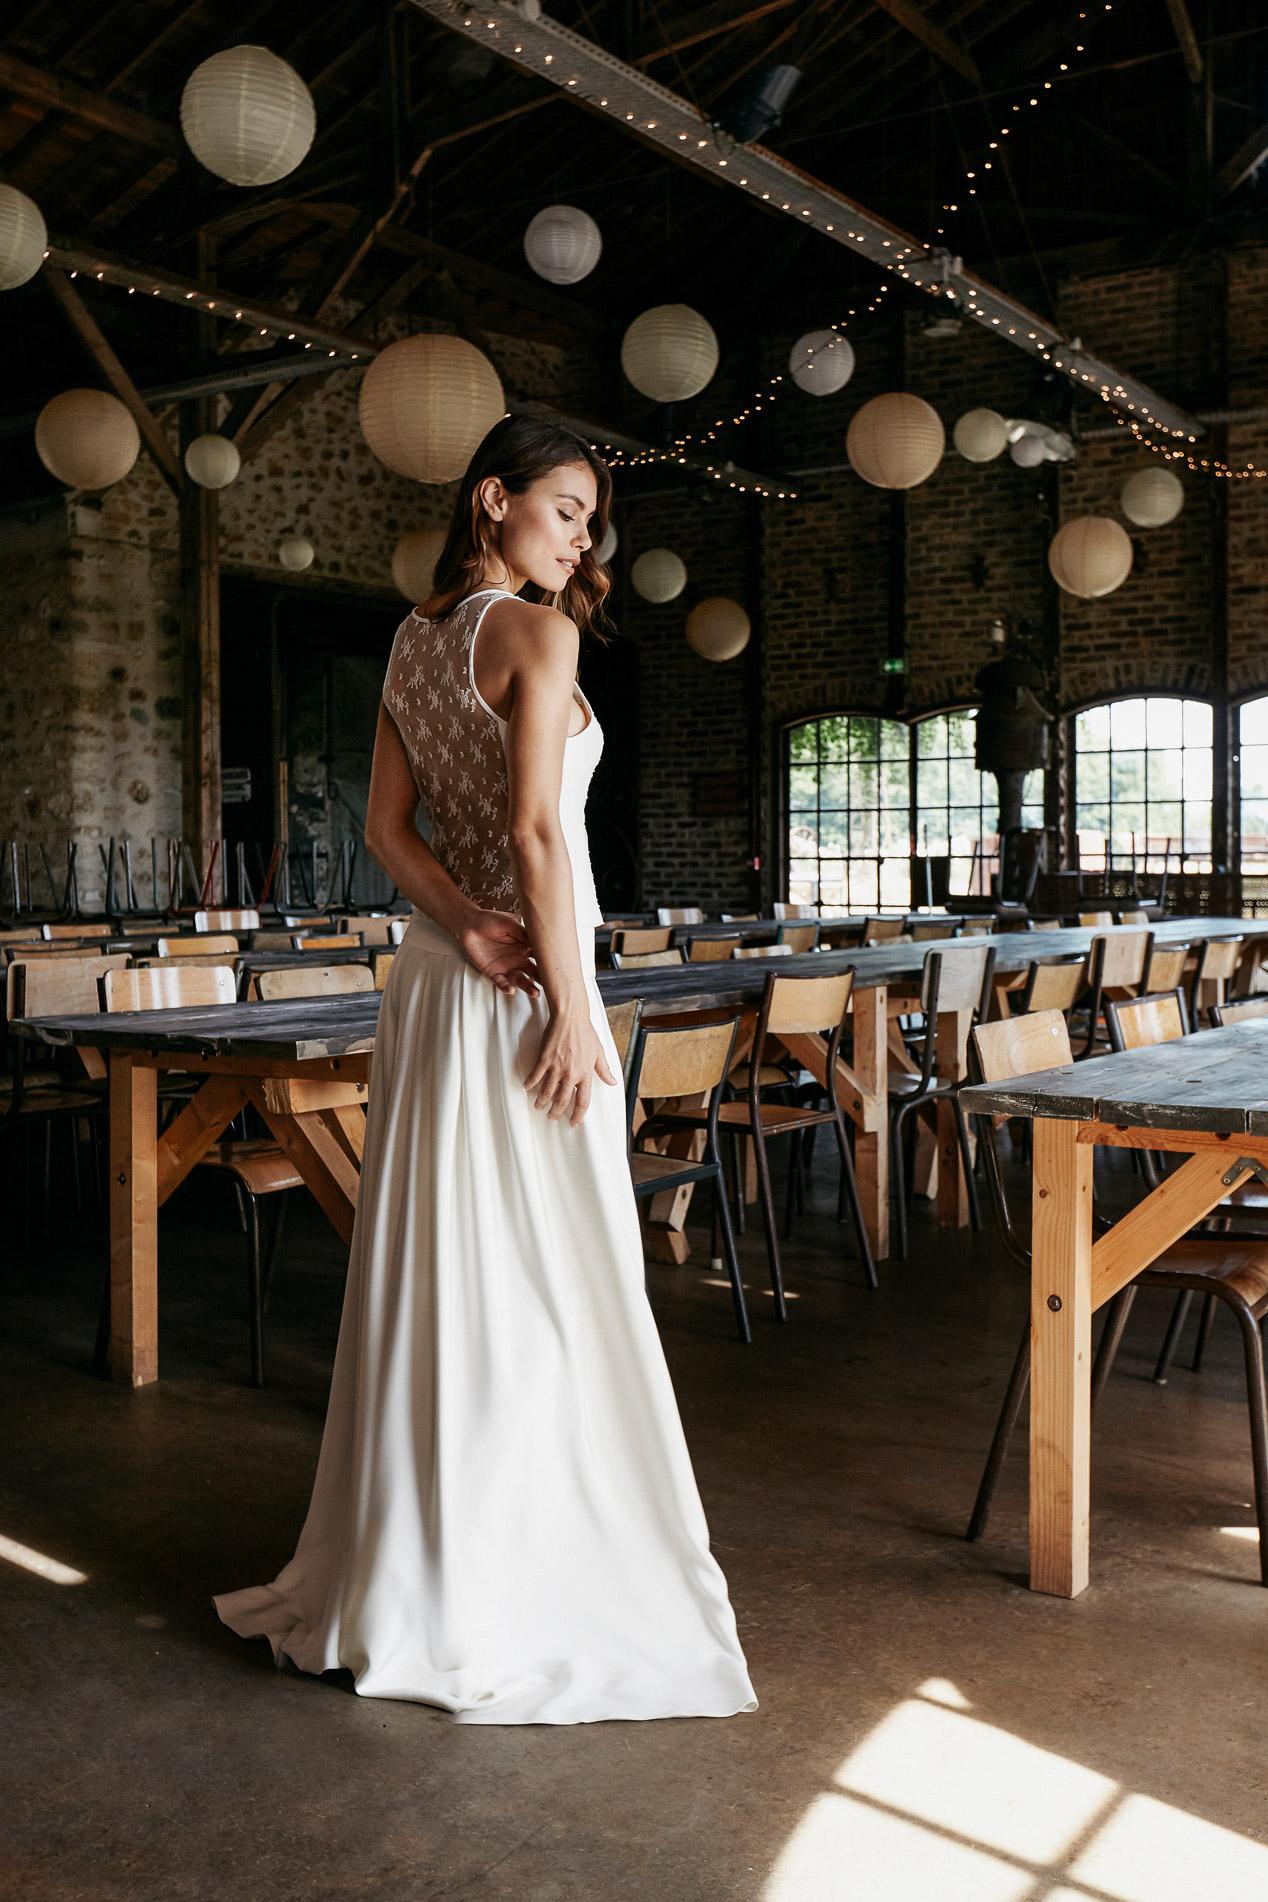 Robe de mariee creatrice paris sur mesure Mathilde Marie l La Fiancee du Panda blog mariage et lifestyle--4